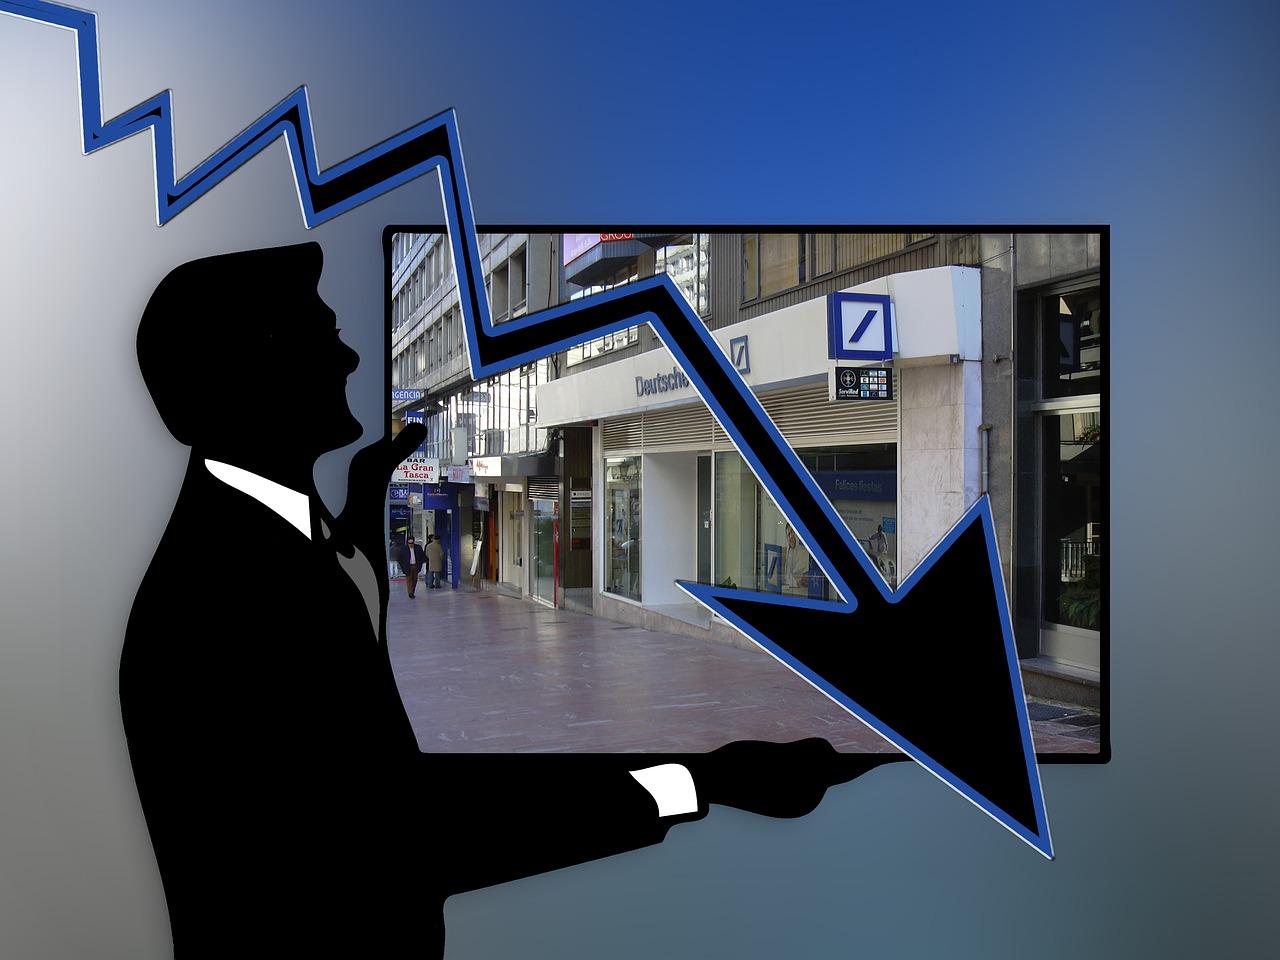 Faut-il craindre une nouvelle crise financière ?